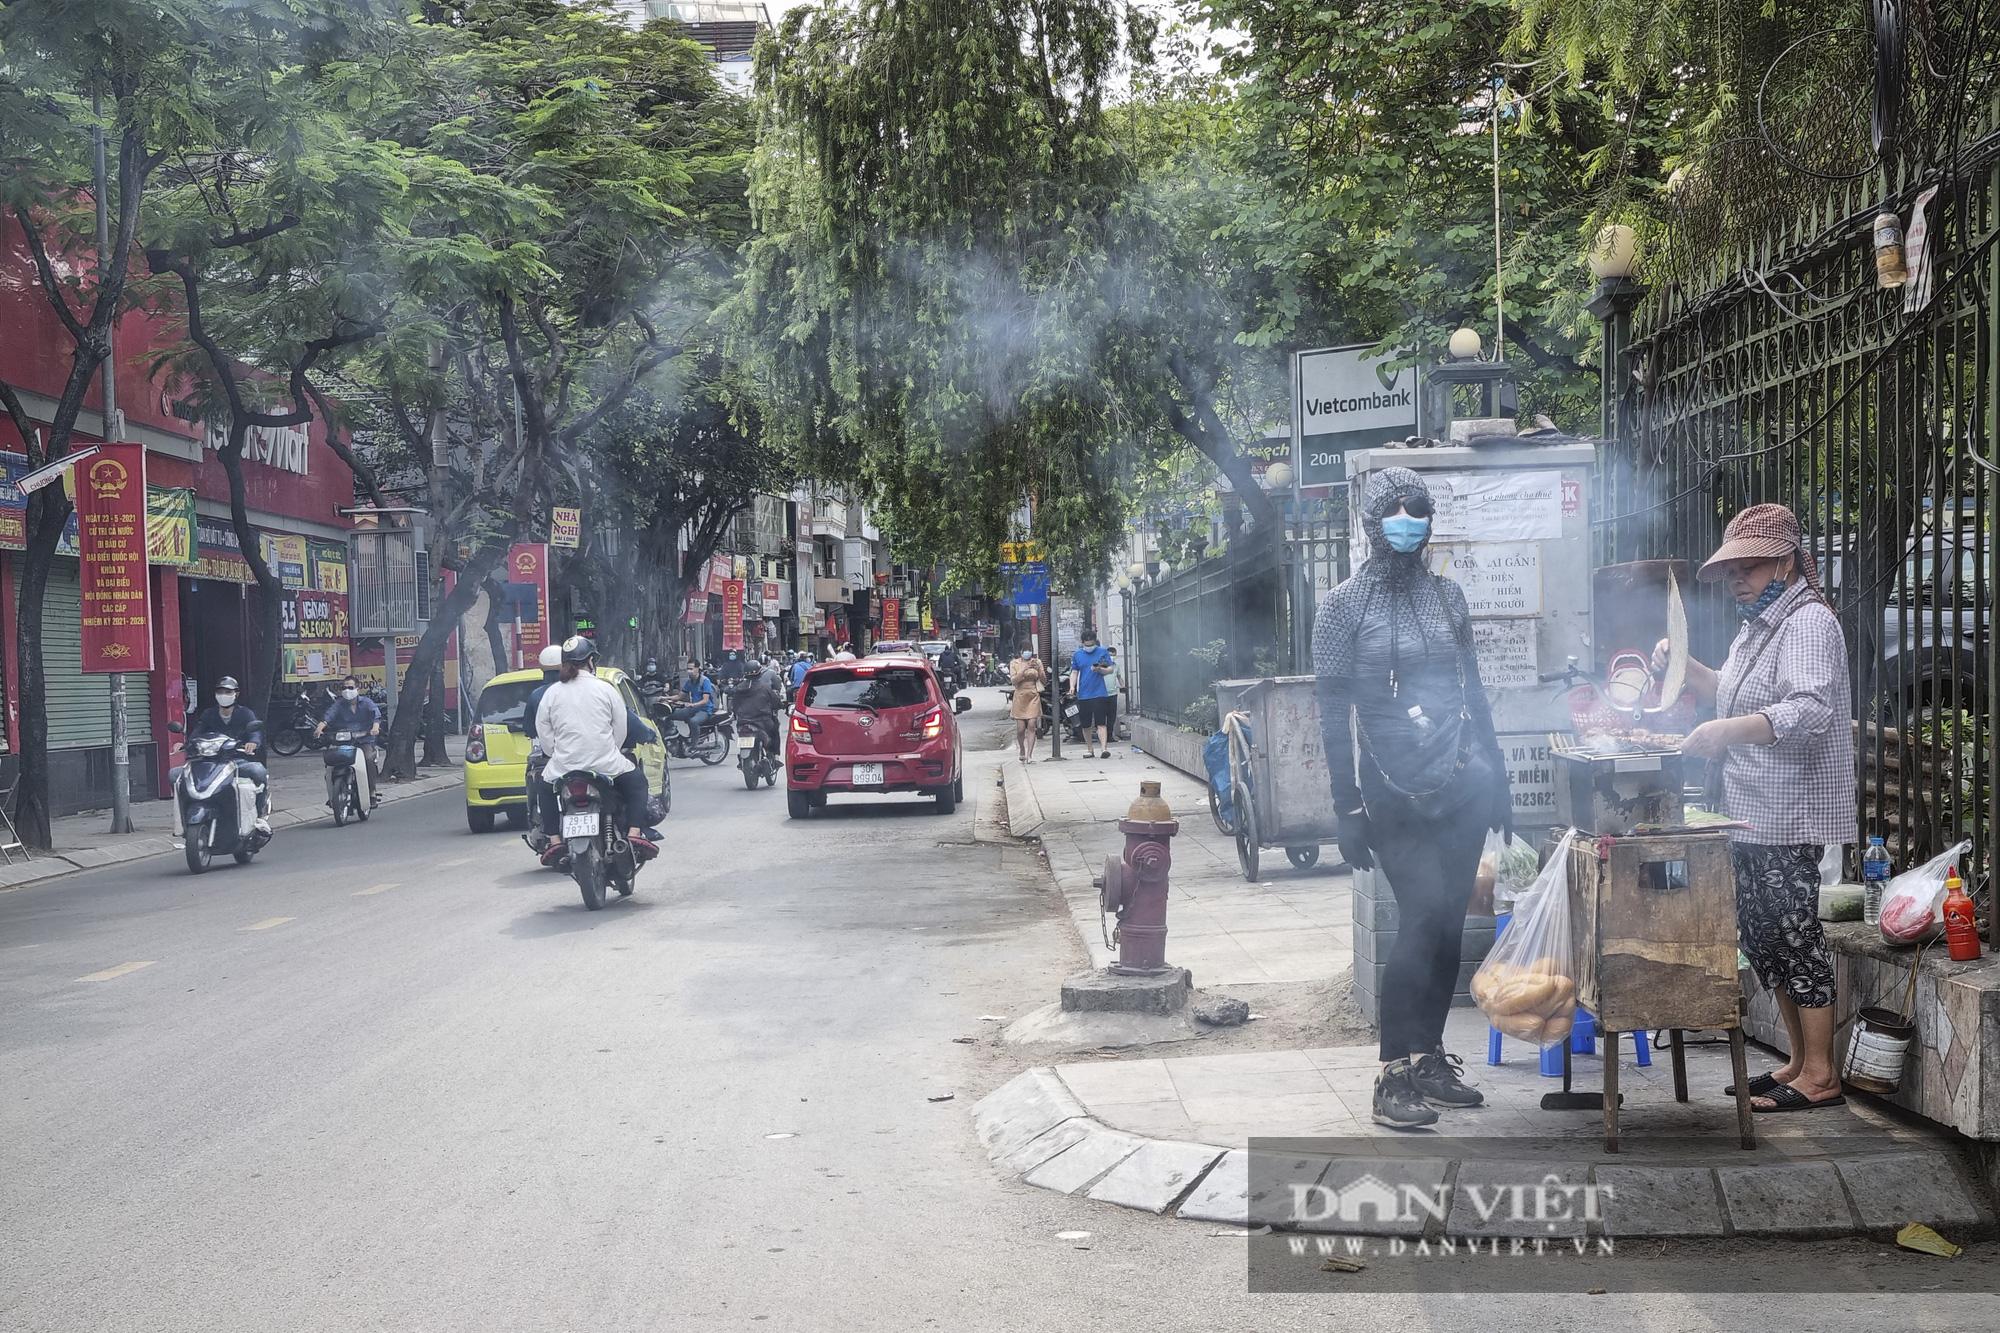 Hà Nội: Nhà hàng, quán cà phê, trà đá vỉa hè nơi chấp hành tốt, nơi vẫn ngang nhiên hoạt động  - Ảnh 8.